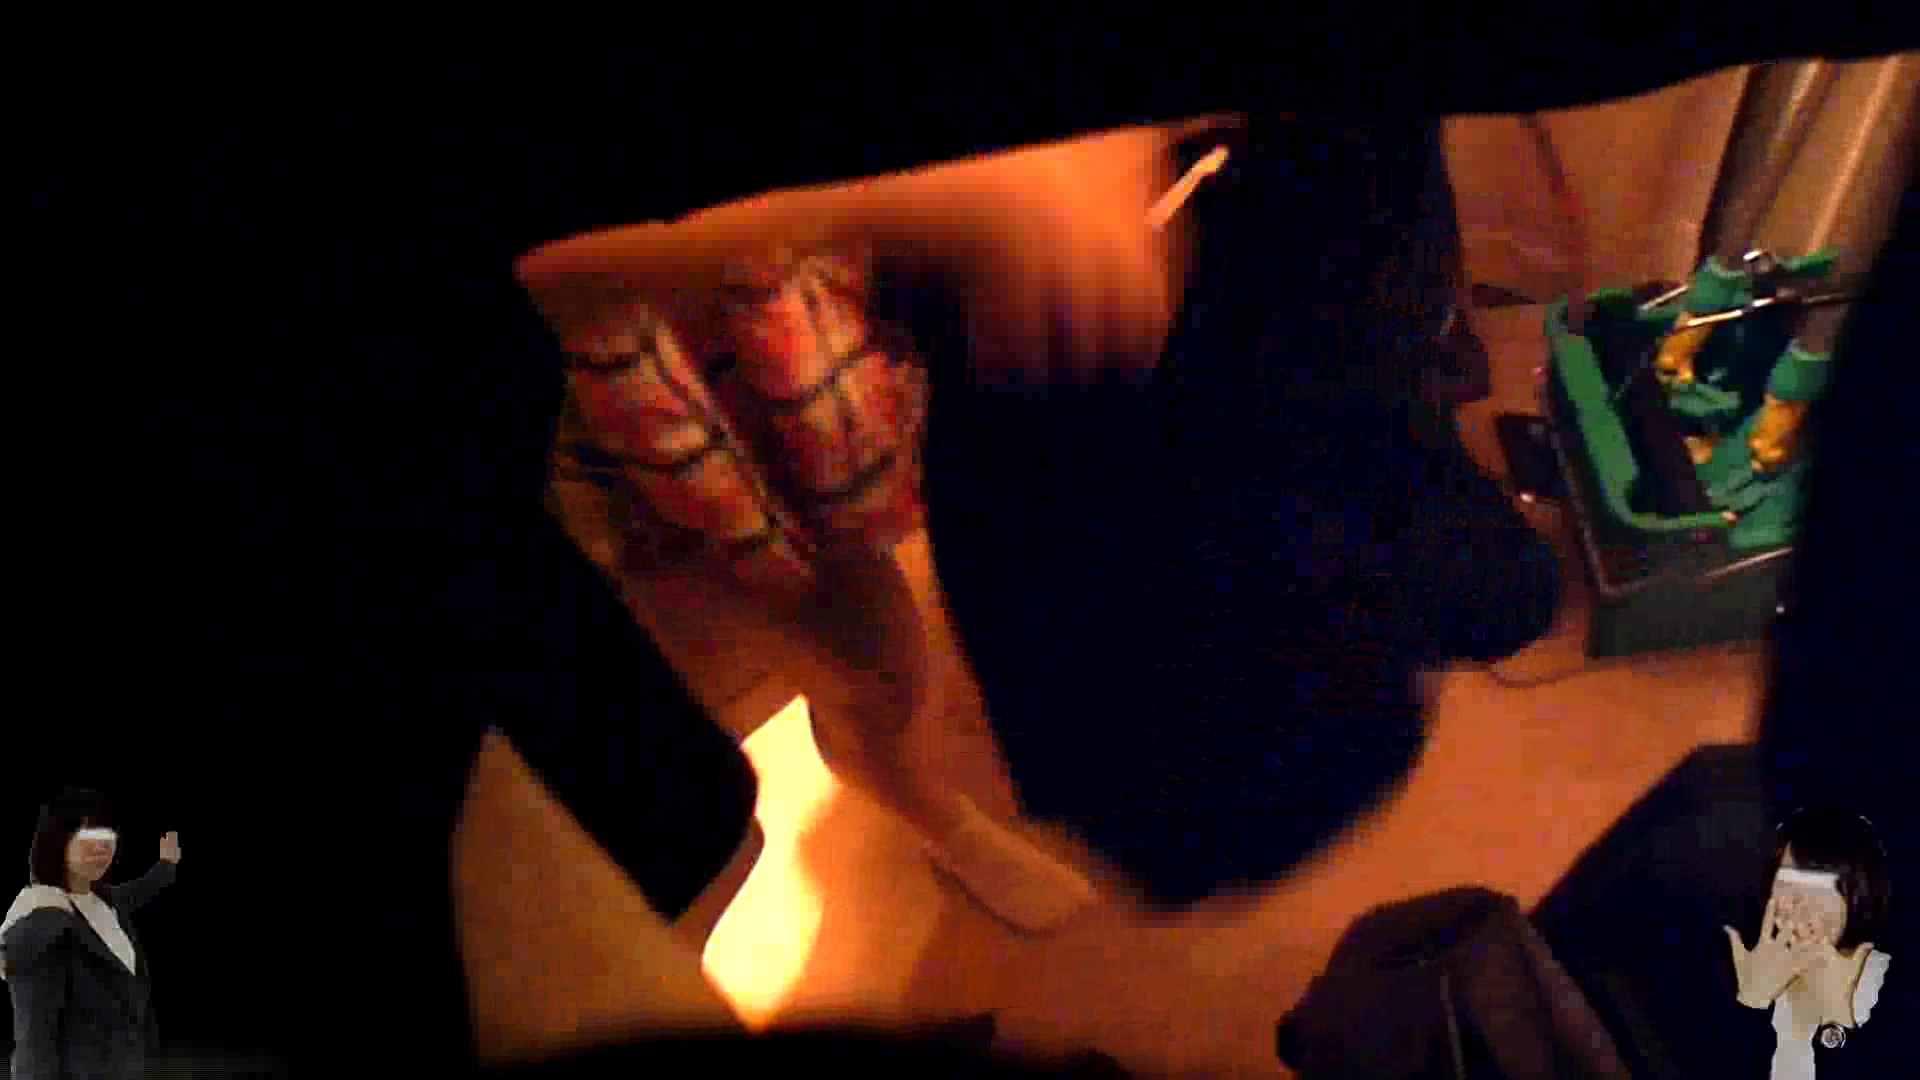 素人投稿 現役「JD」Eちゃんの着替え Vol.04 素人 のぞき濡れ場動画紹介 55連発 35